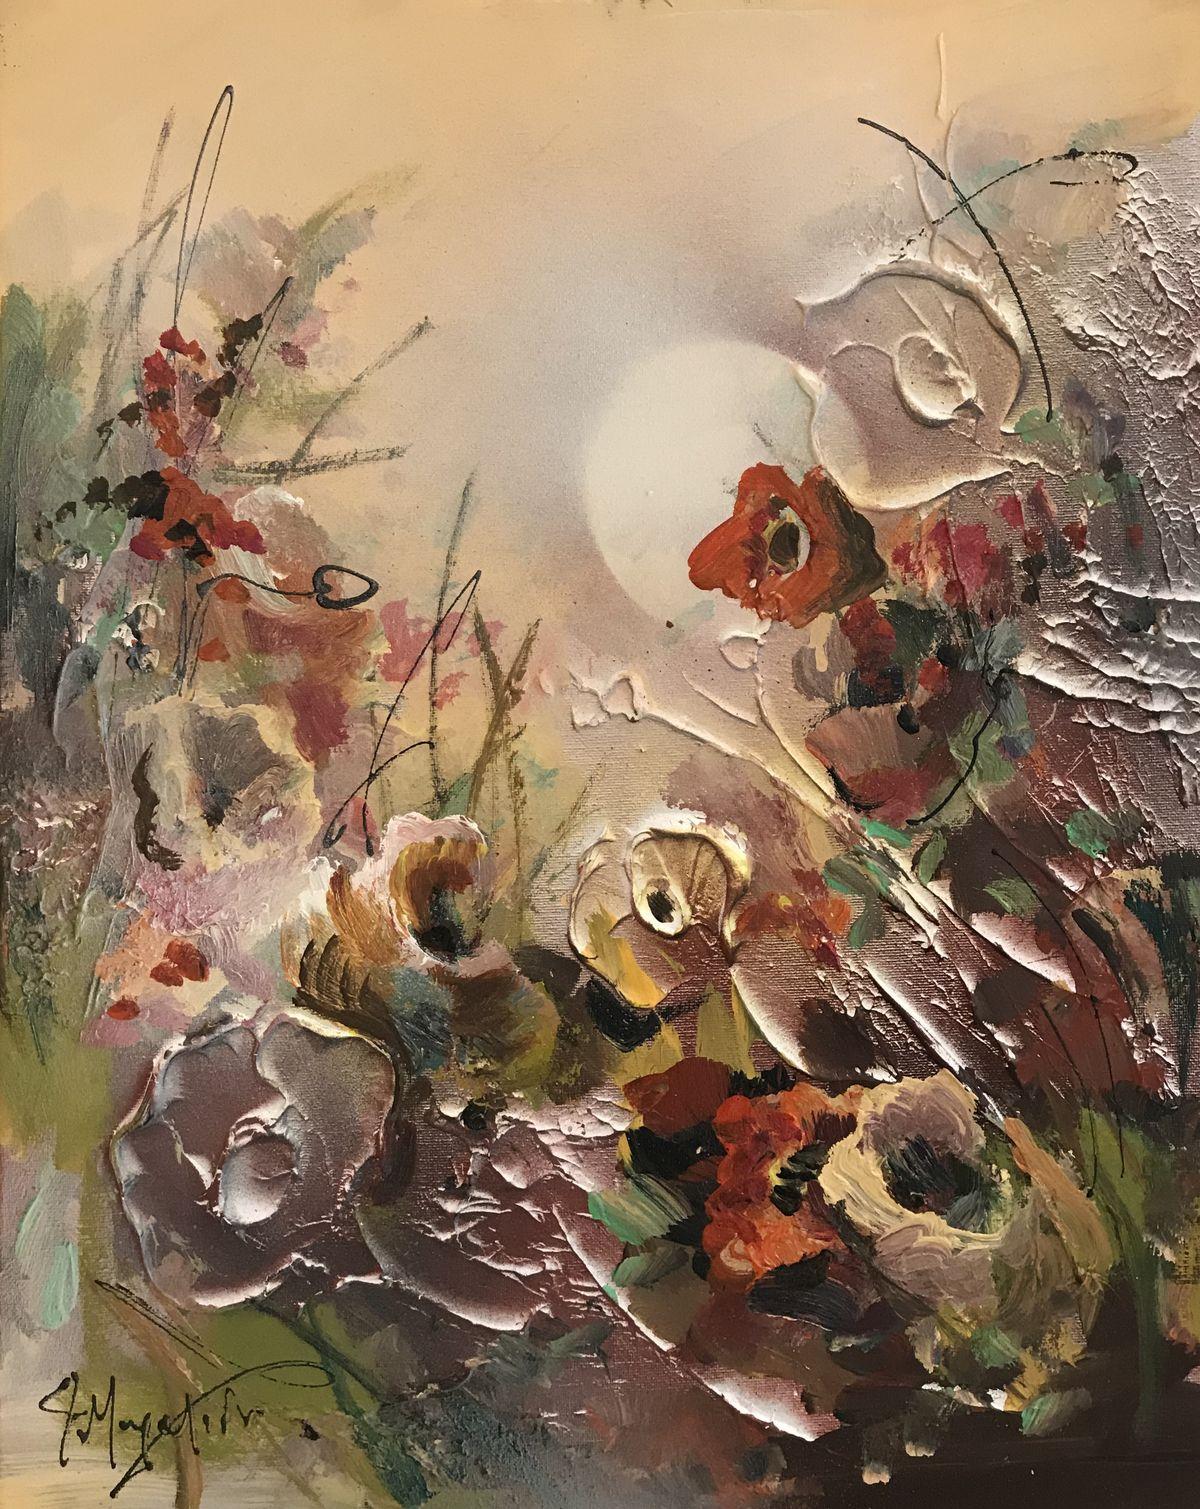 Φώφη Μουρατίδου 40×50 εκ. Ακρυλικά σε καμβά Fofi Mouratidou 40×50 cm Acrylics on canvas